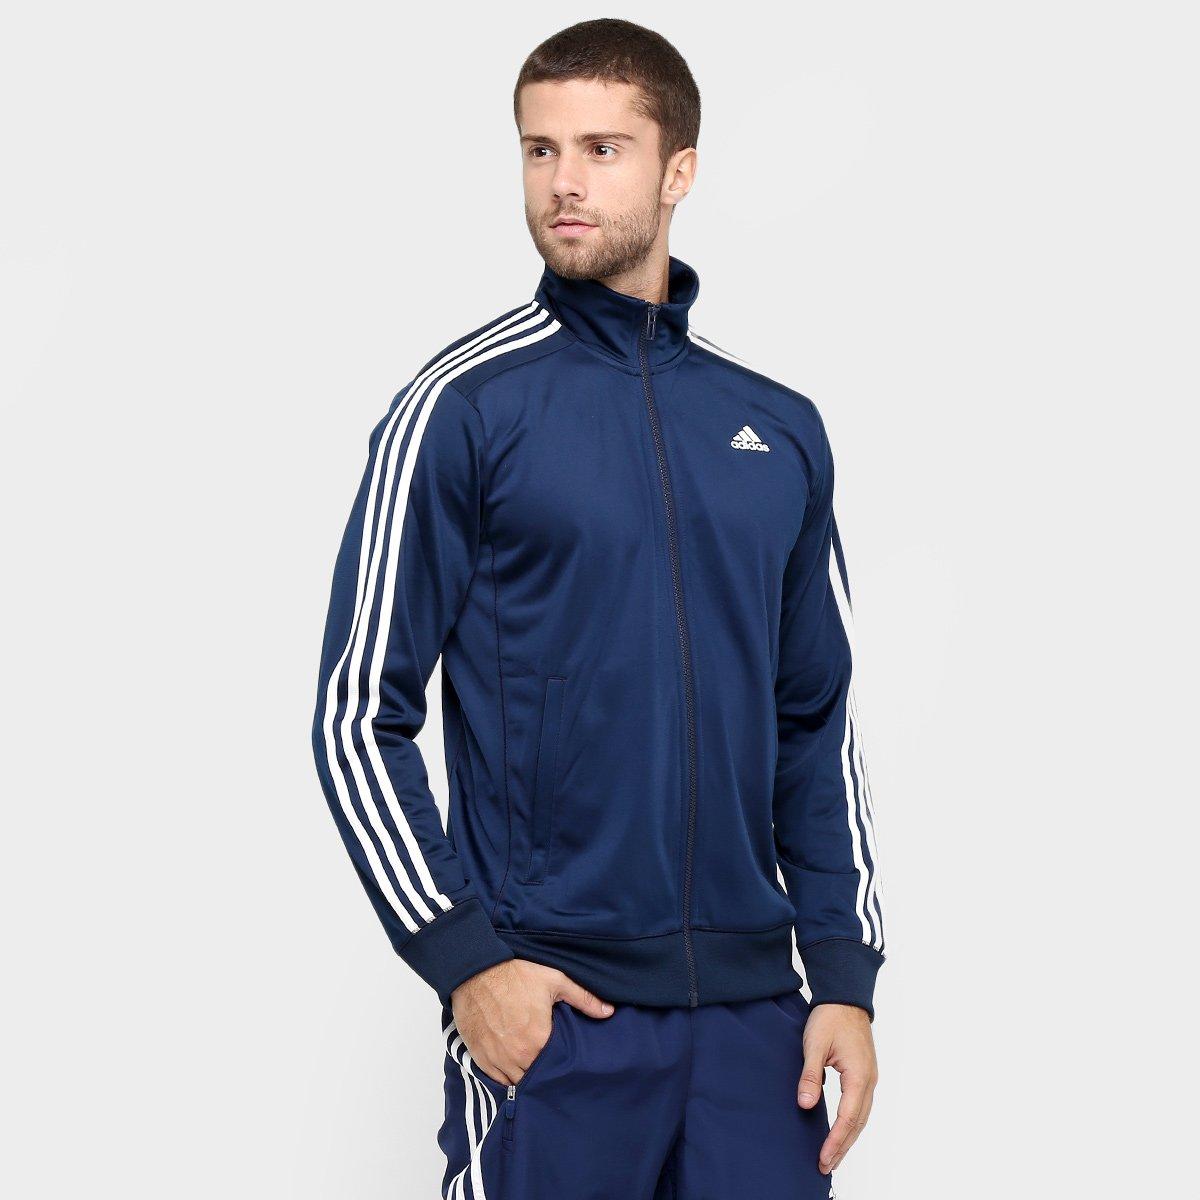 f4f9d6f923 Jaqueta Adidas PES Essentials 3S Masculino - Compre Agora